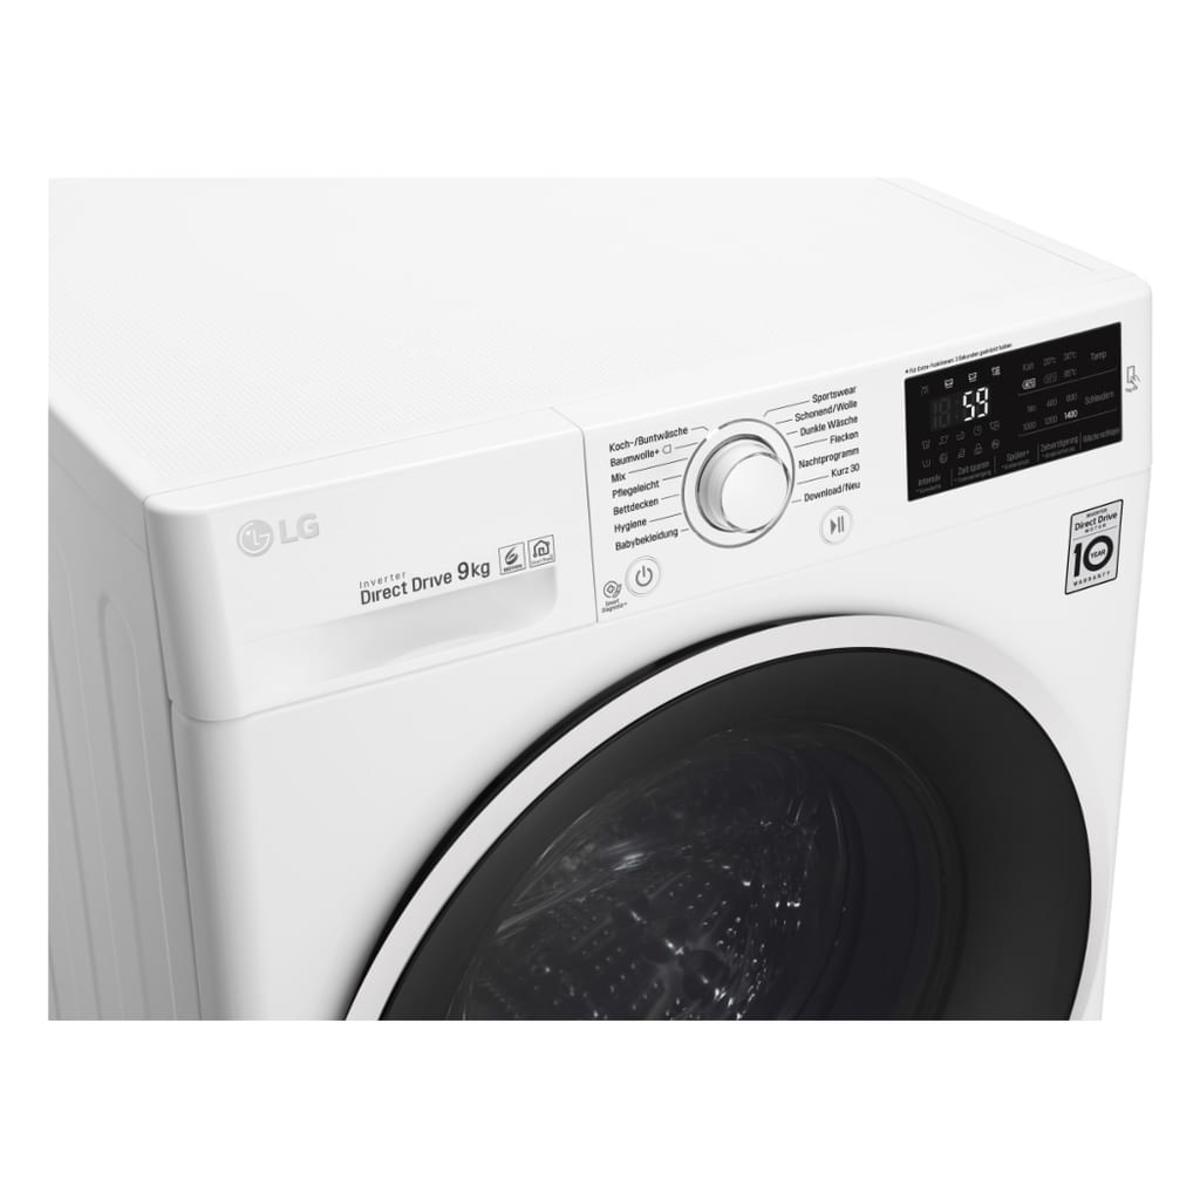 Bild 3 von LG Waschmaschine F 14 WM9 EN0 A+++